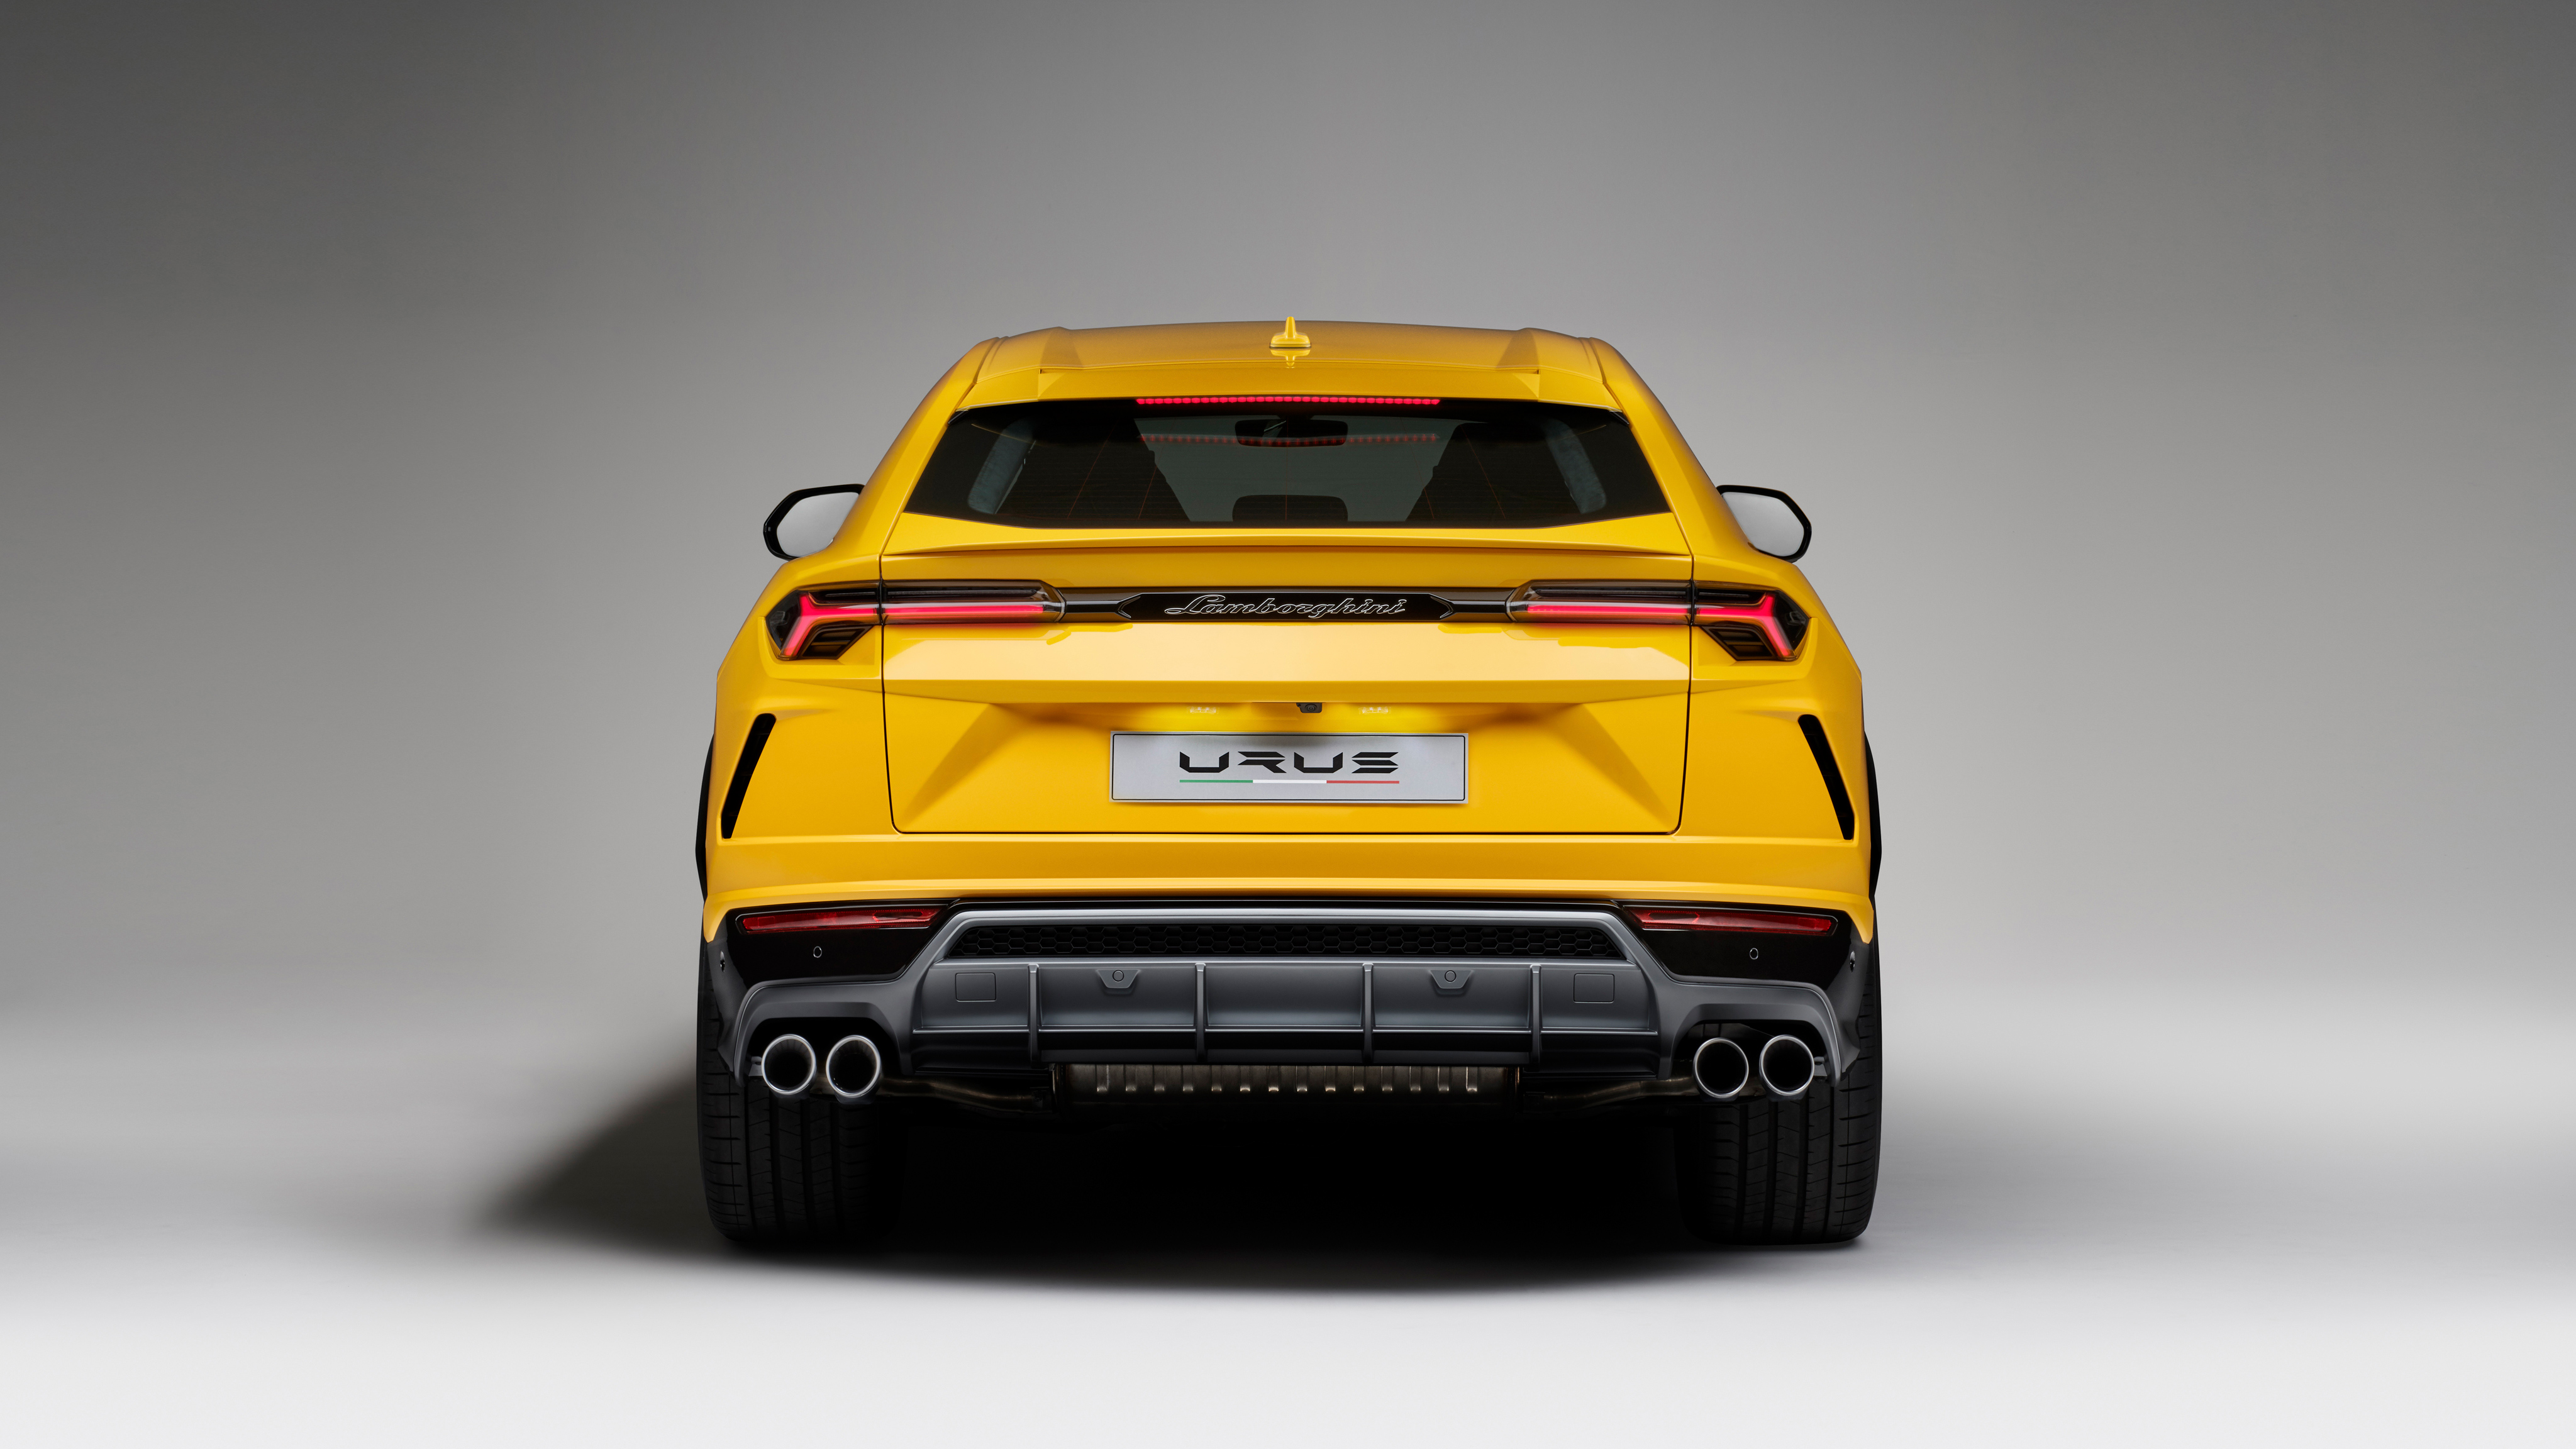 2018 Lamborghini Urus 4k 3 Wallpaper Hd Car Wallpapers Id 9224